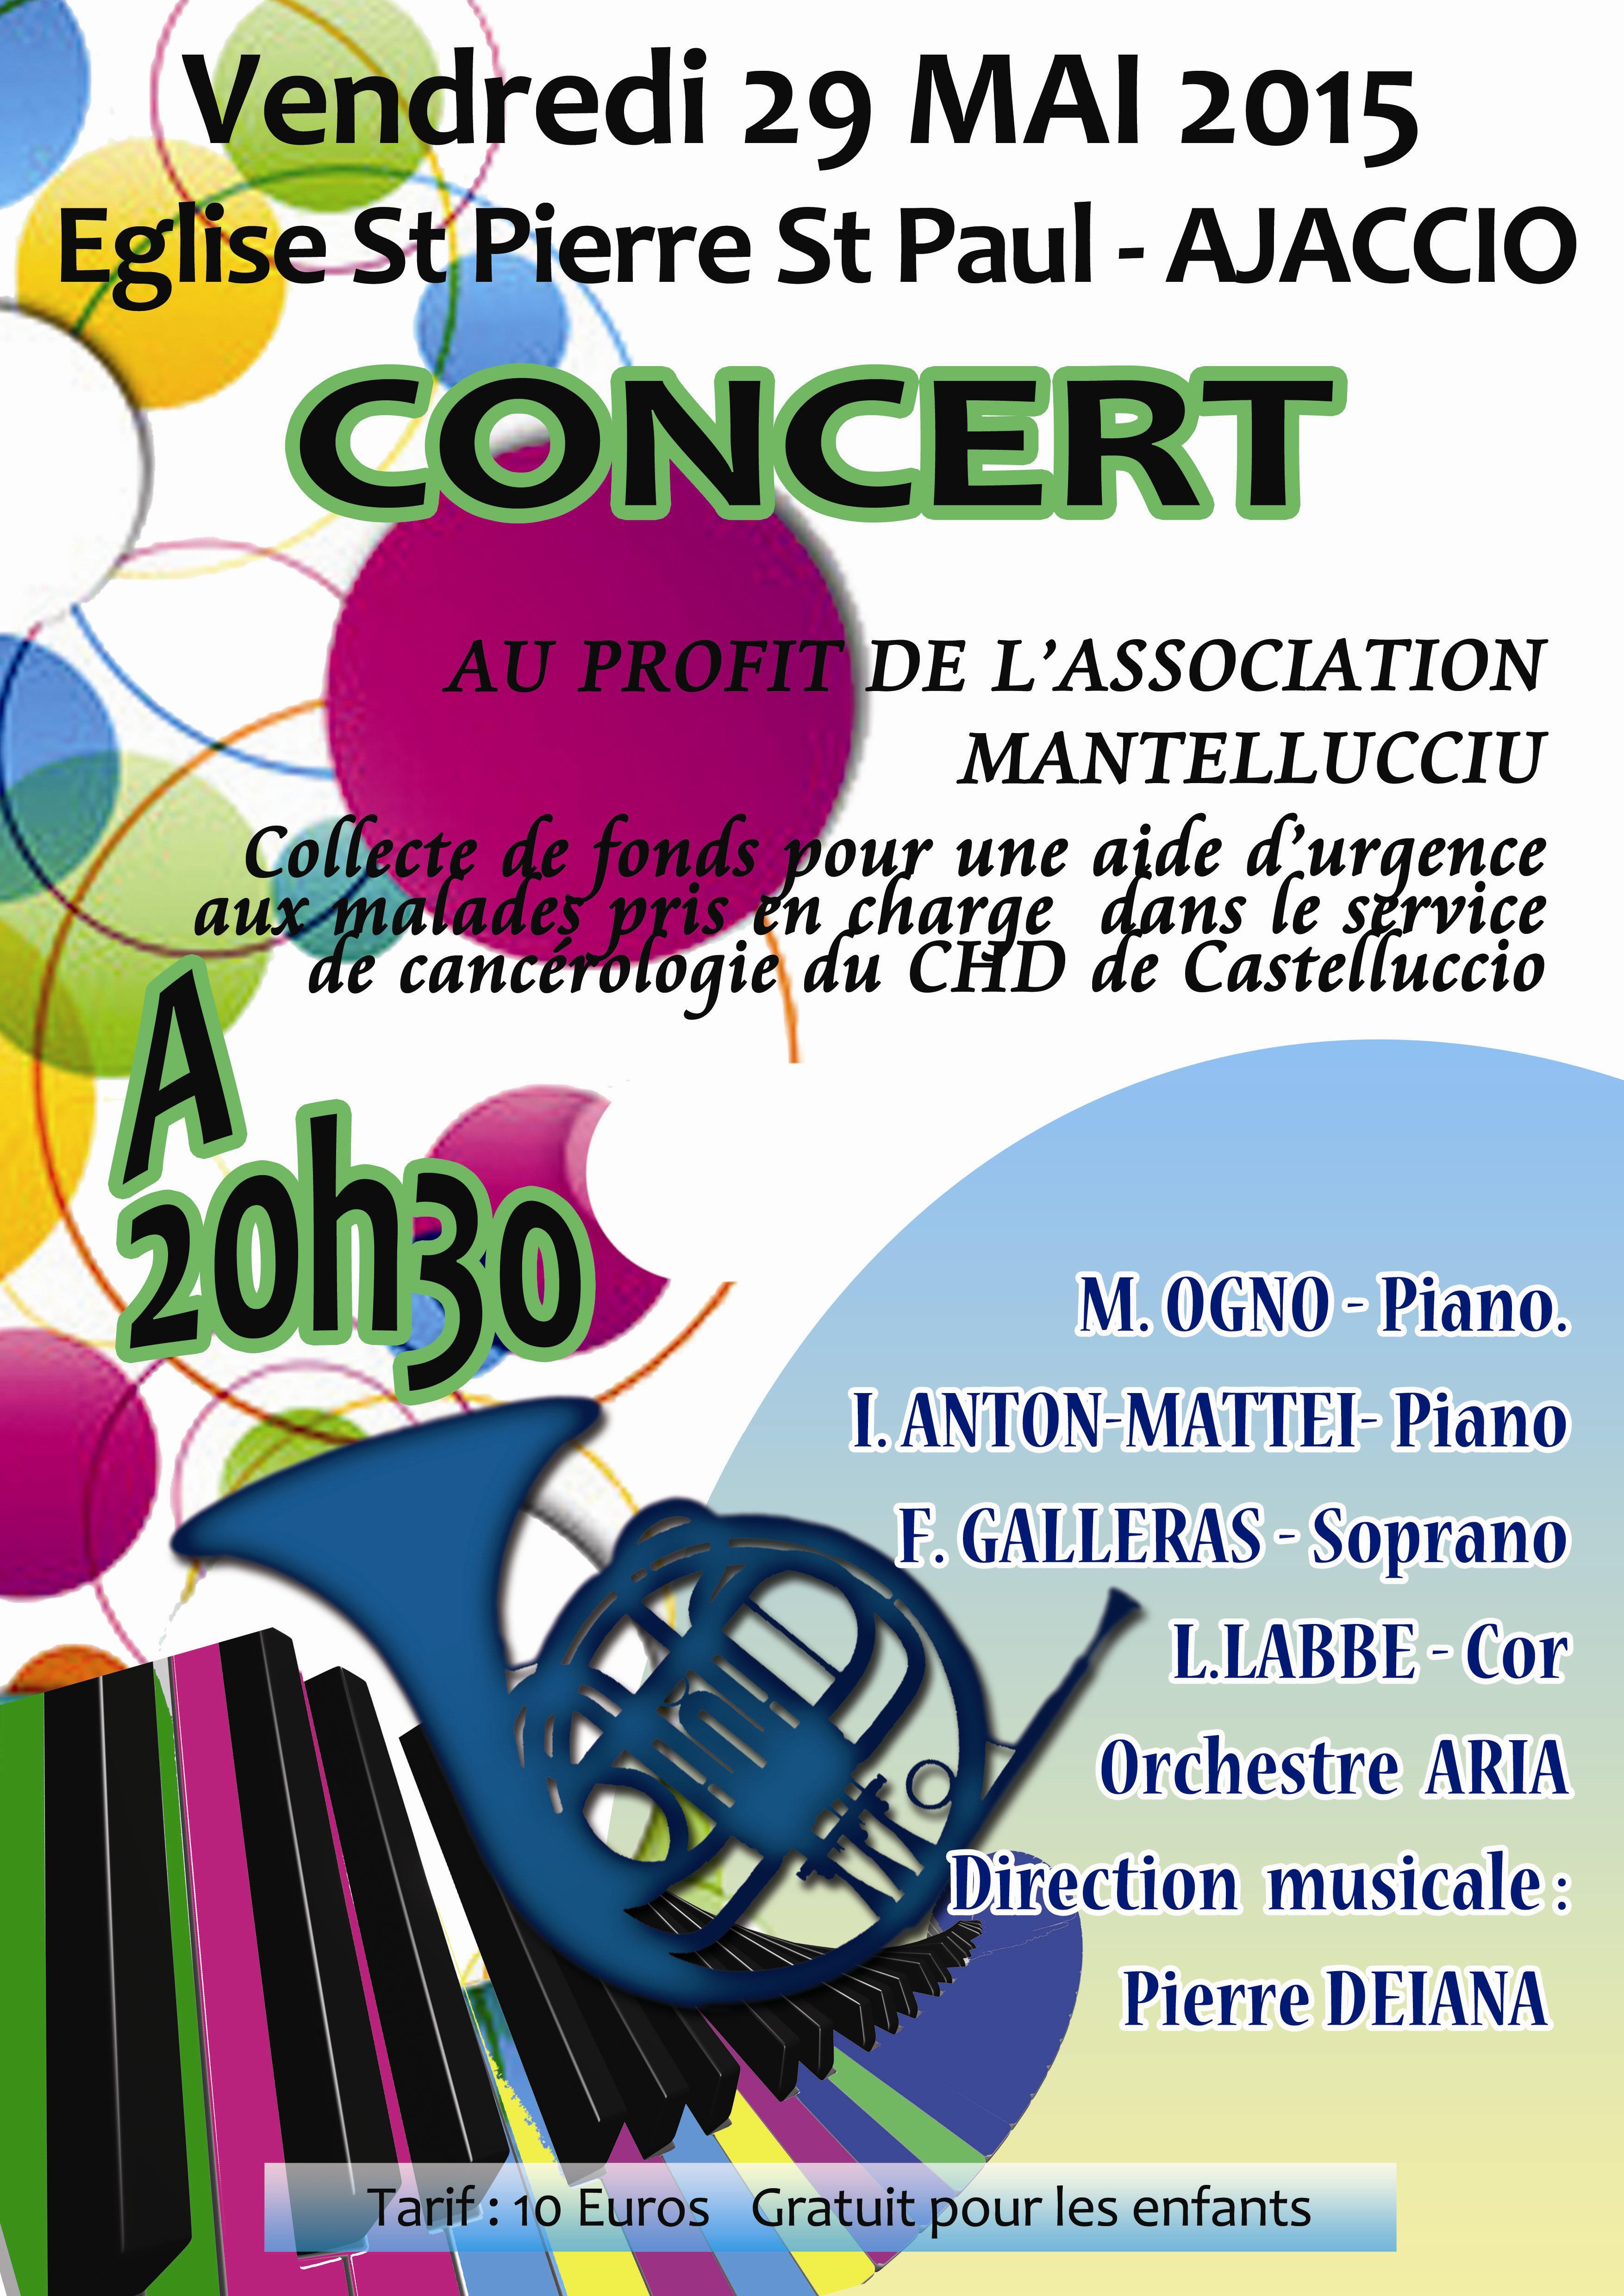 Concert vendredi au profit des patients hospitalisés en oncologie à Castelluccio